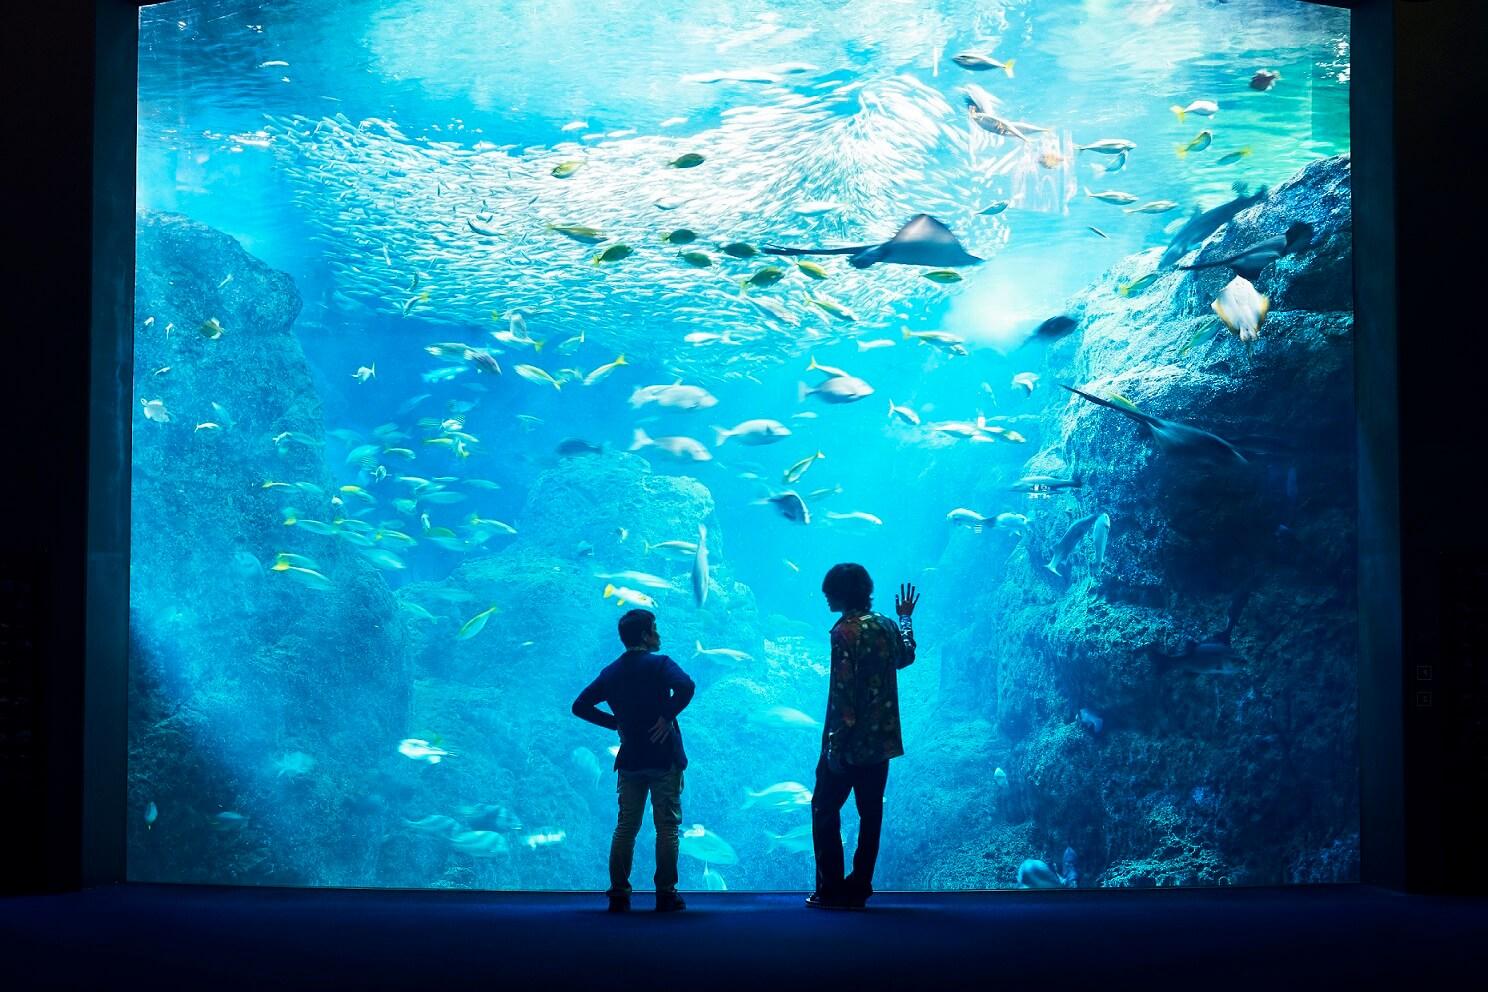 《海獸之子》魅力擄獲米津玄師 電影主題曲4天半破千萬觀看數